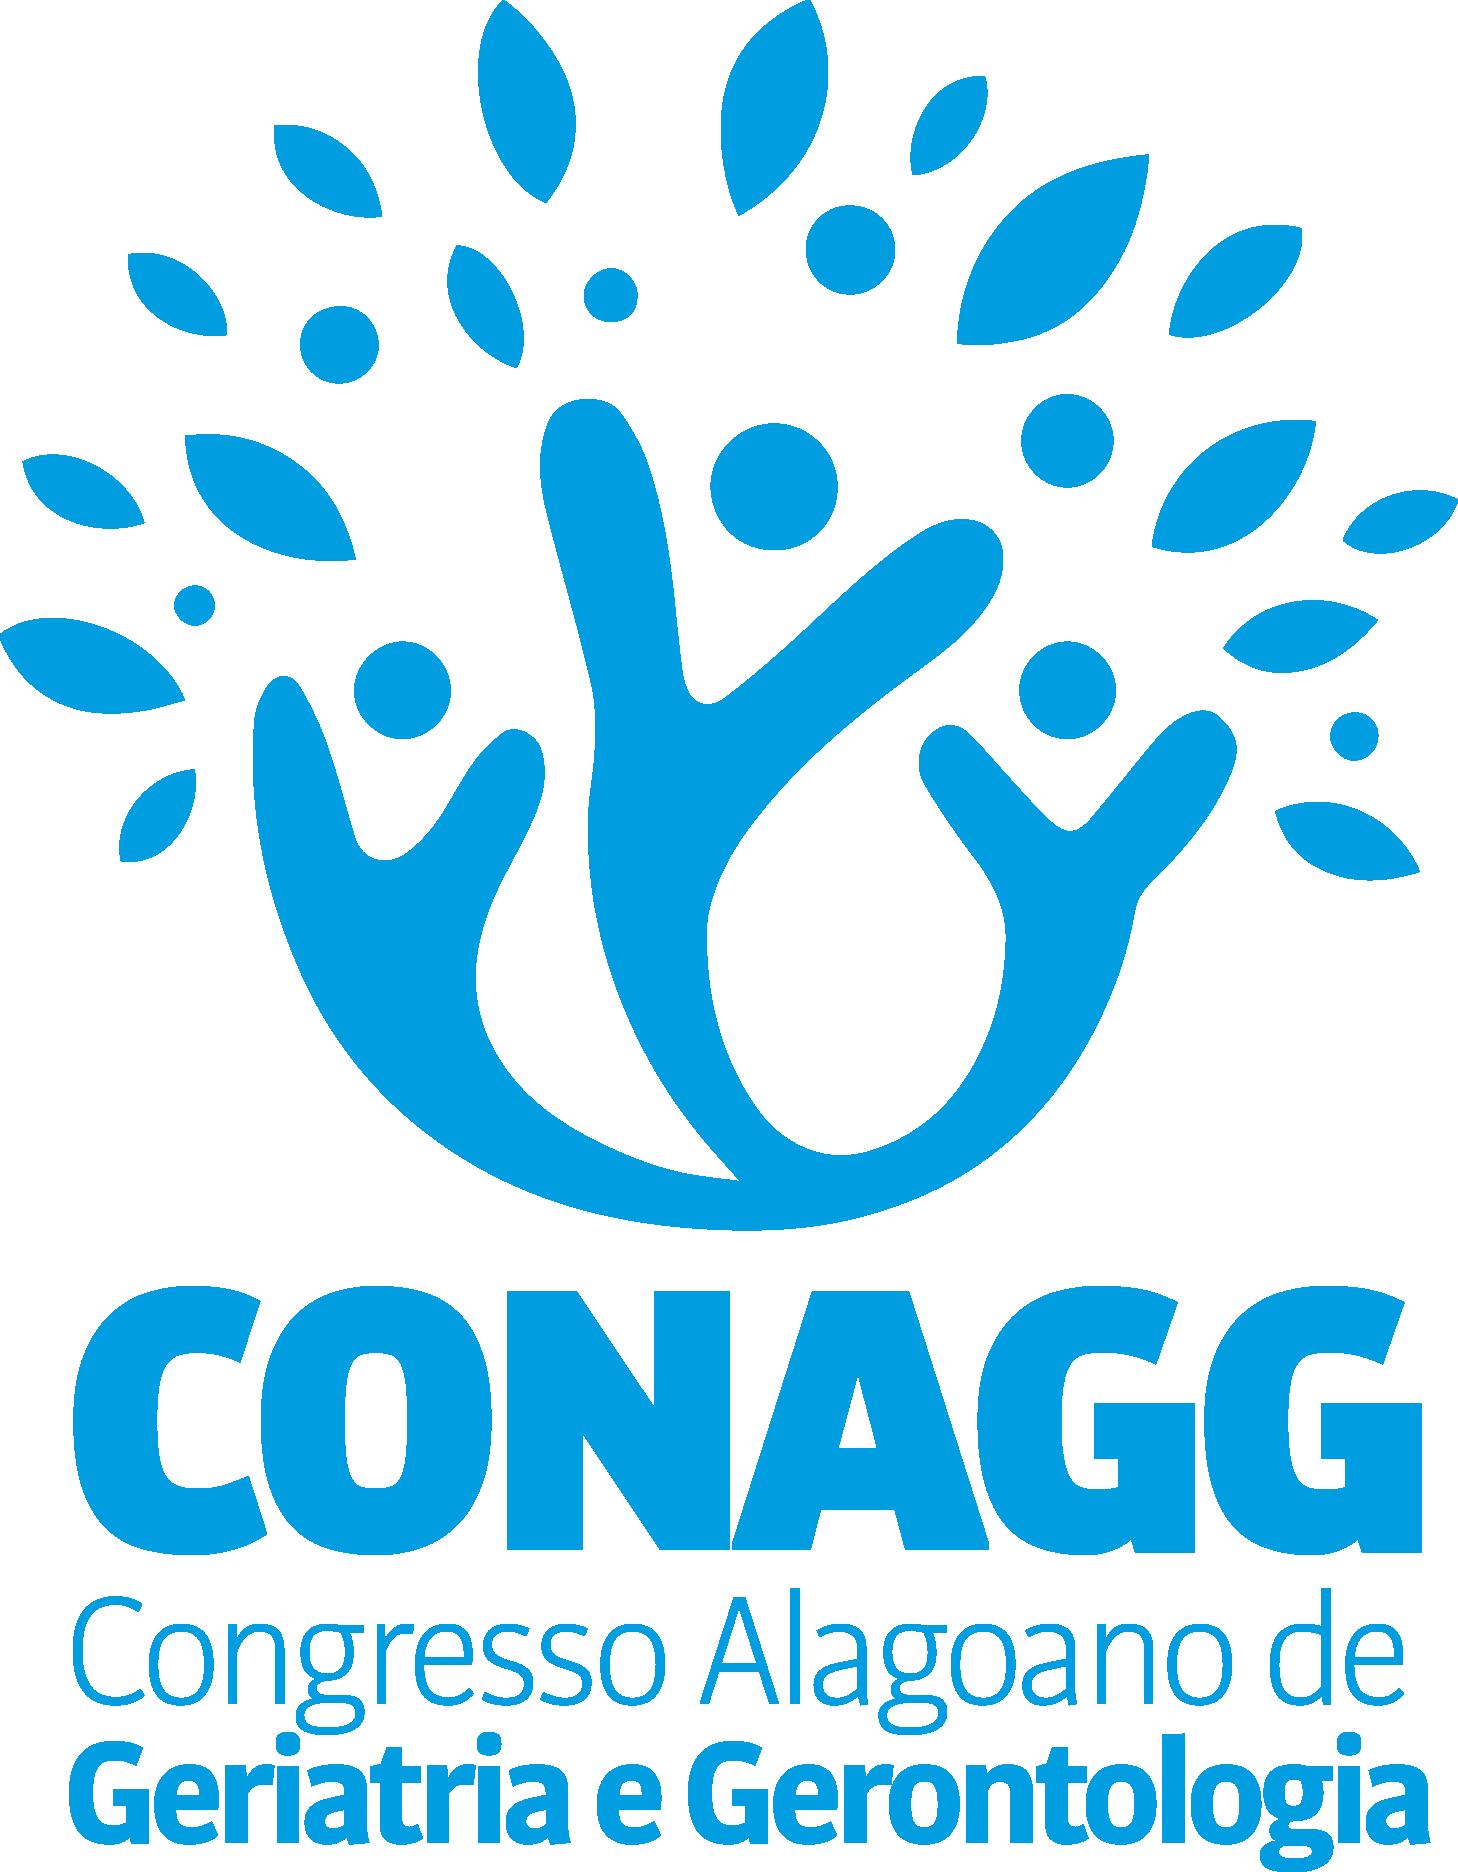 1503601489_logomarca_conagg